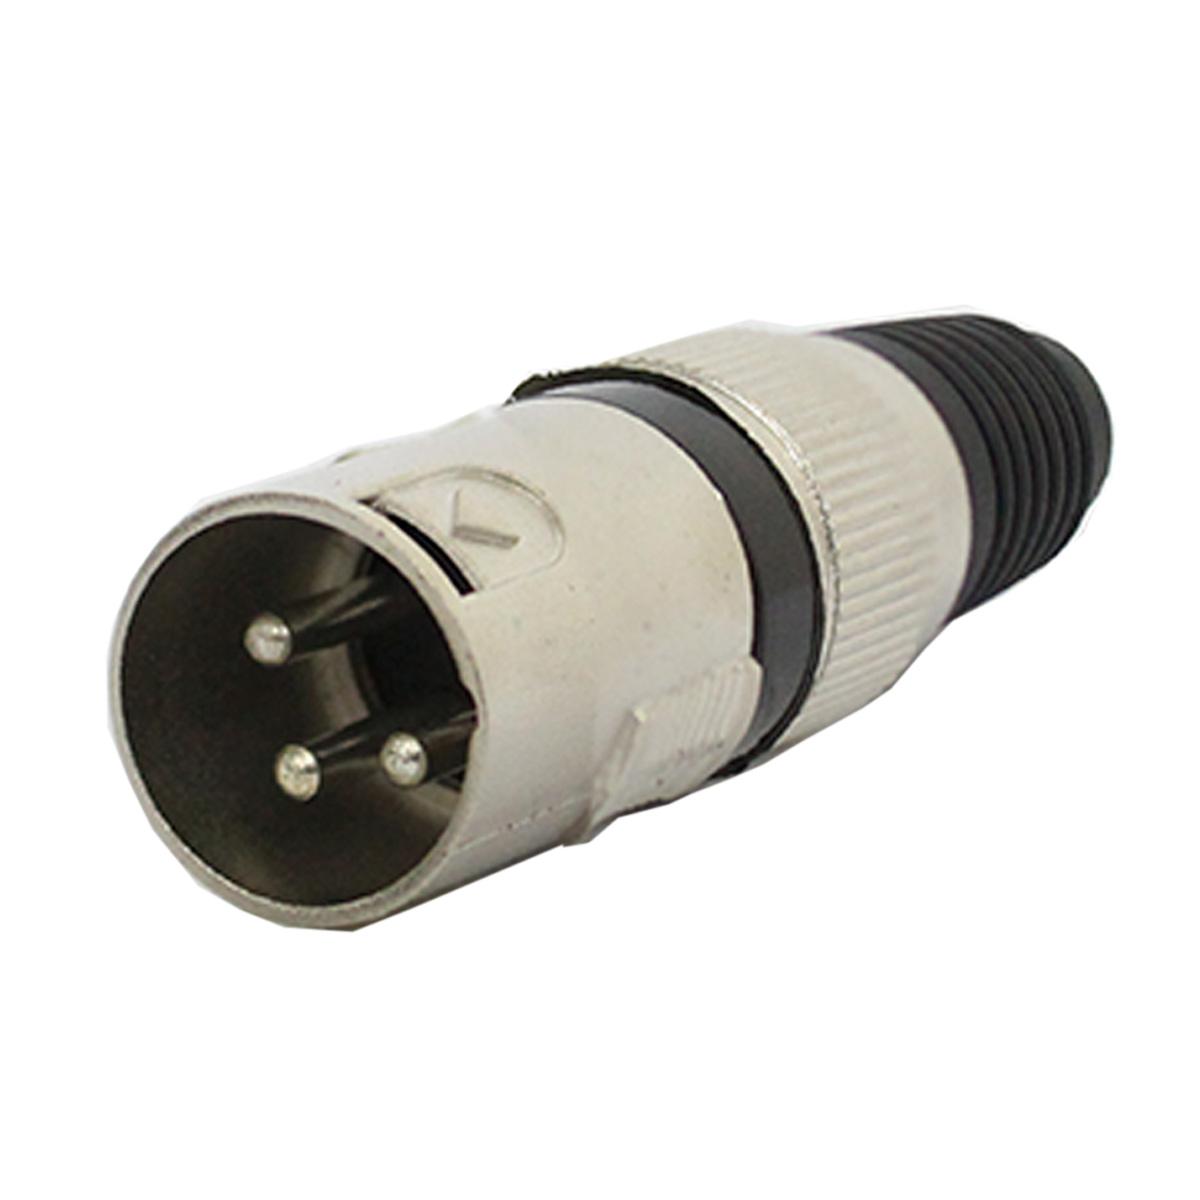 Conector Cannon XLR Macho Linha - Q34 BK CSR